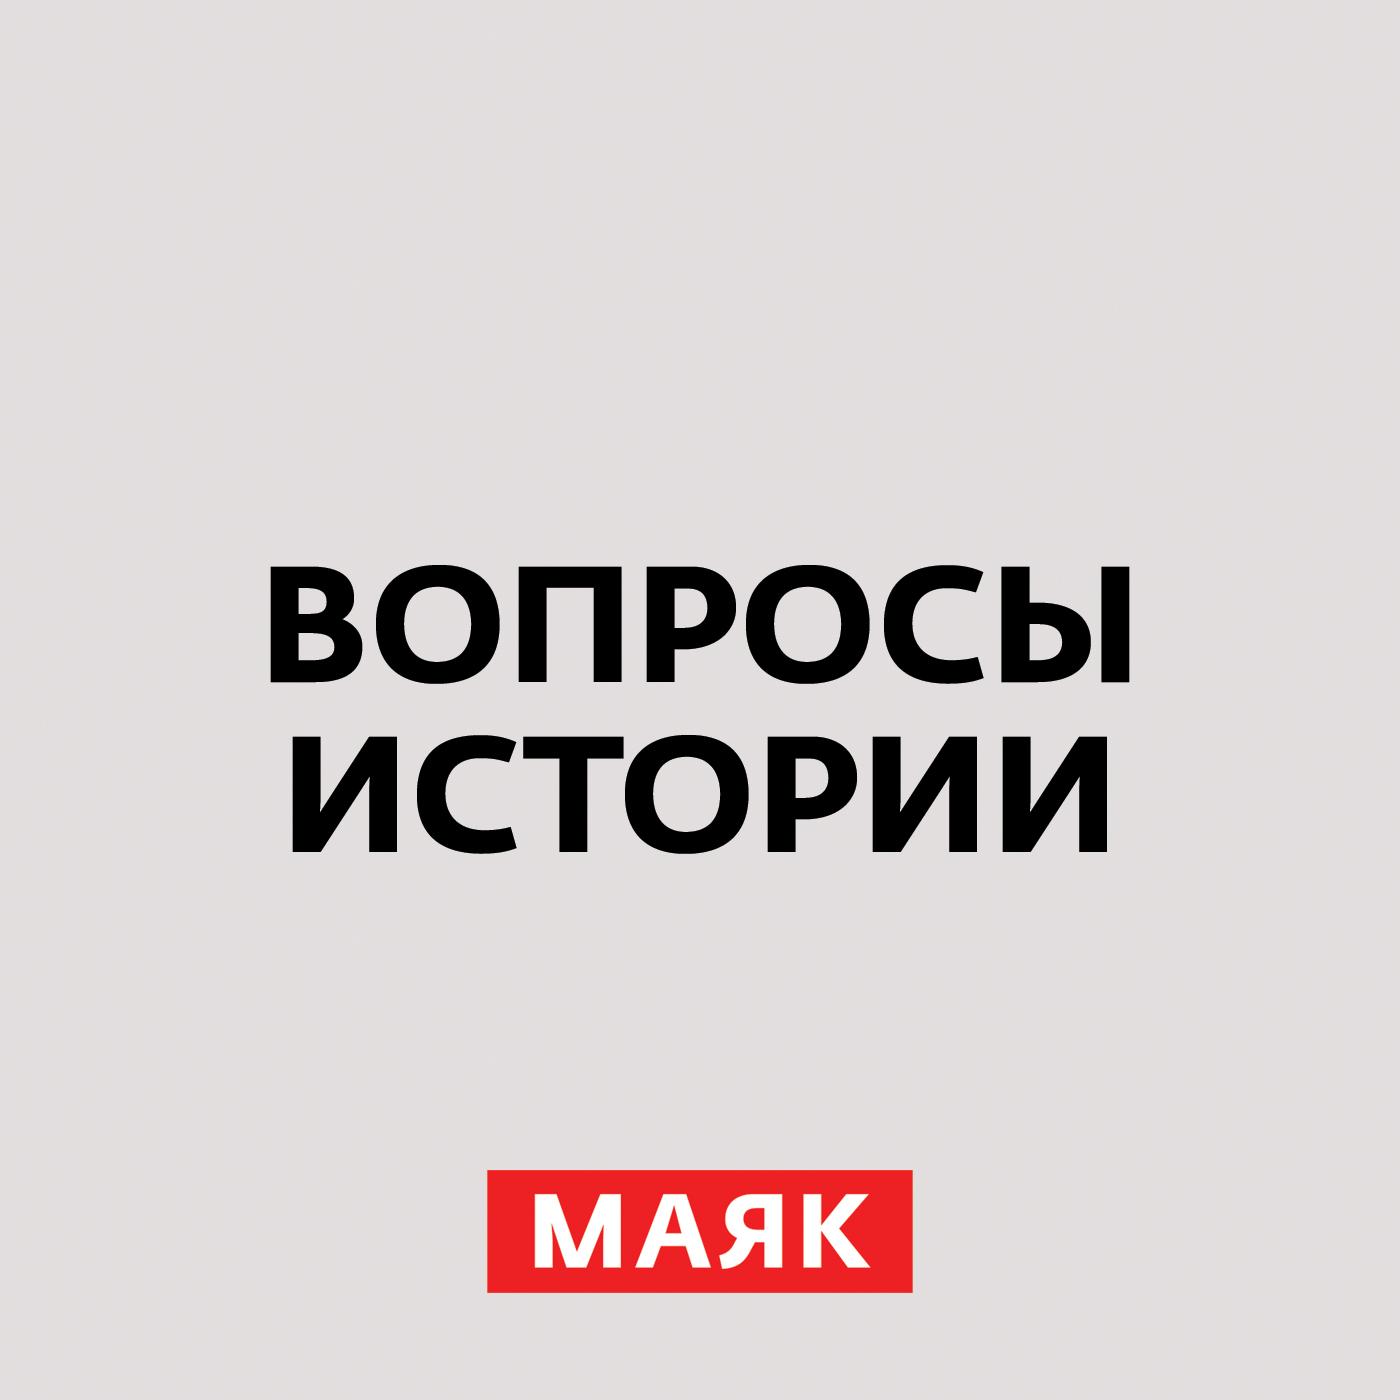 Андрей Светенко Масонство для России стало школой европейского мышления цены